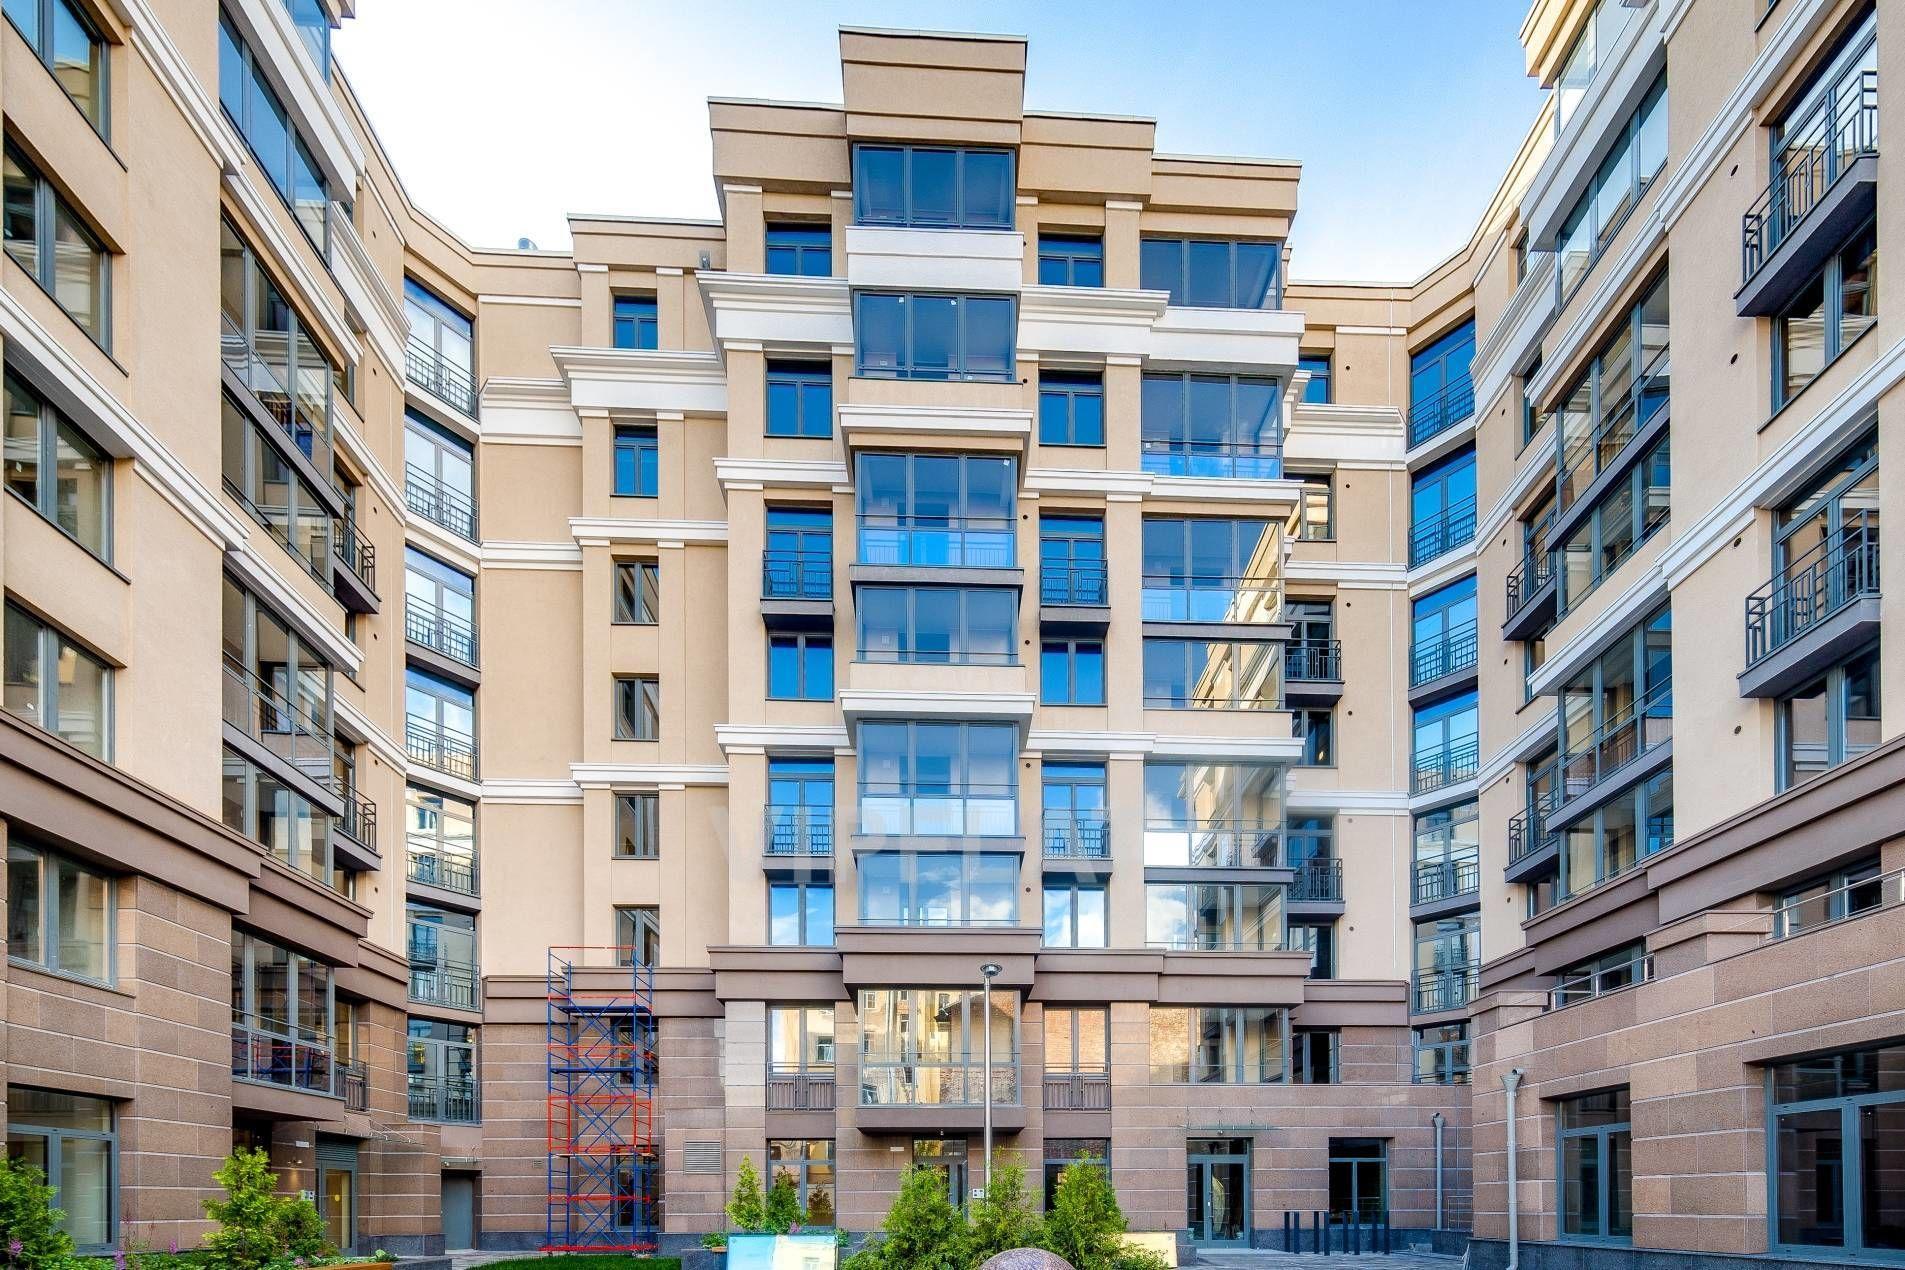 Продажа элитных квартир Санкт-Петербурга. Полтавская ул., 7 Рустовка и французские балконы украшают фасад